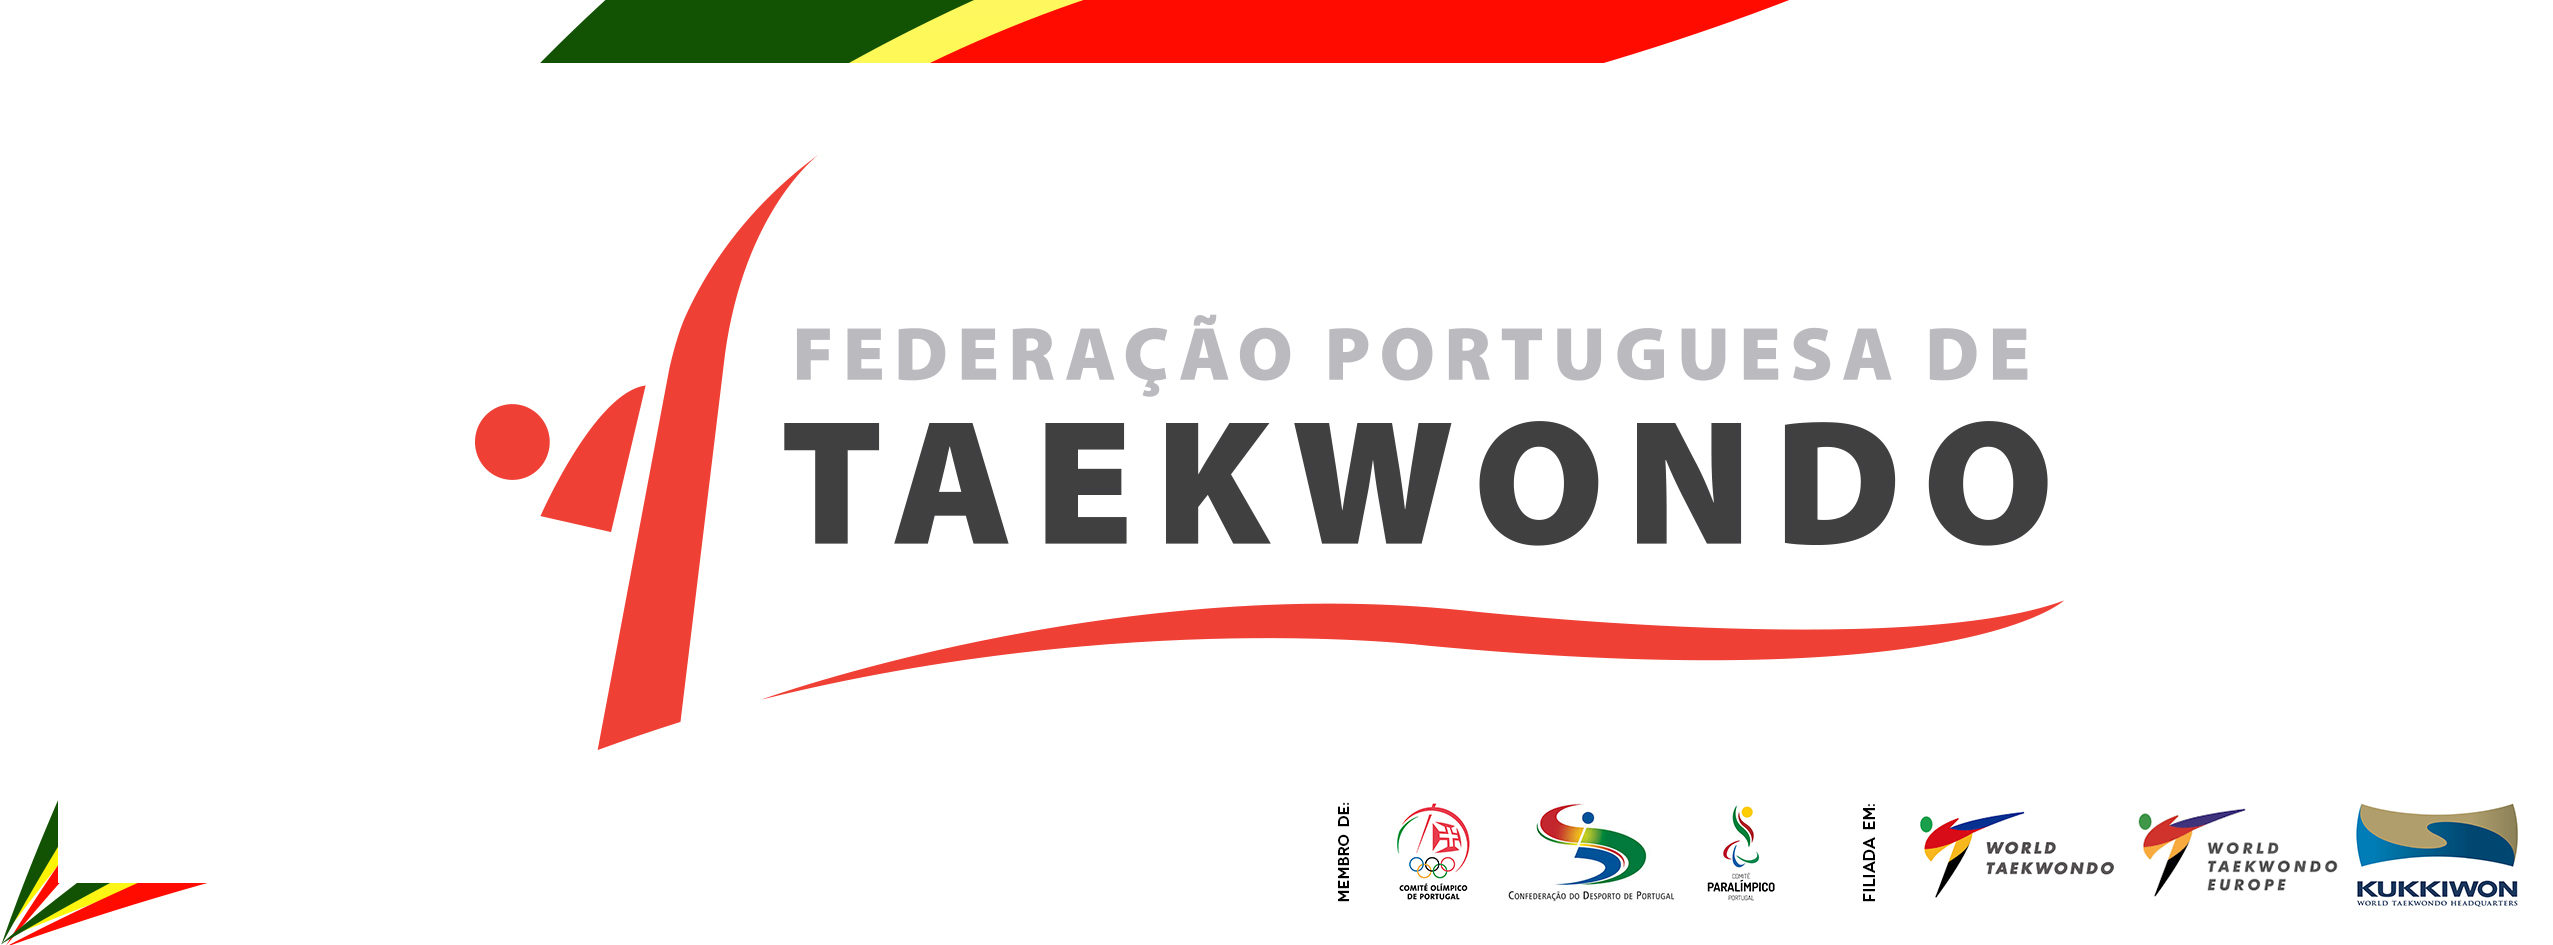 Federação Portuguesa de Taekwondo